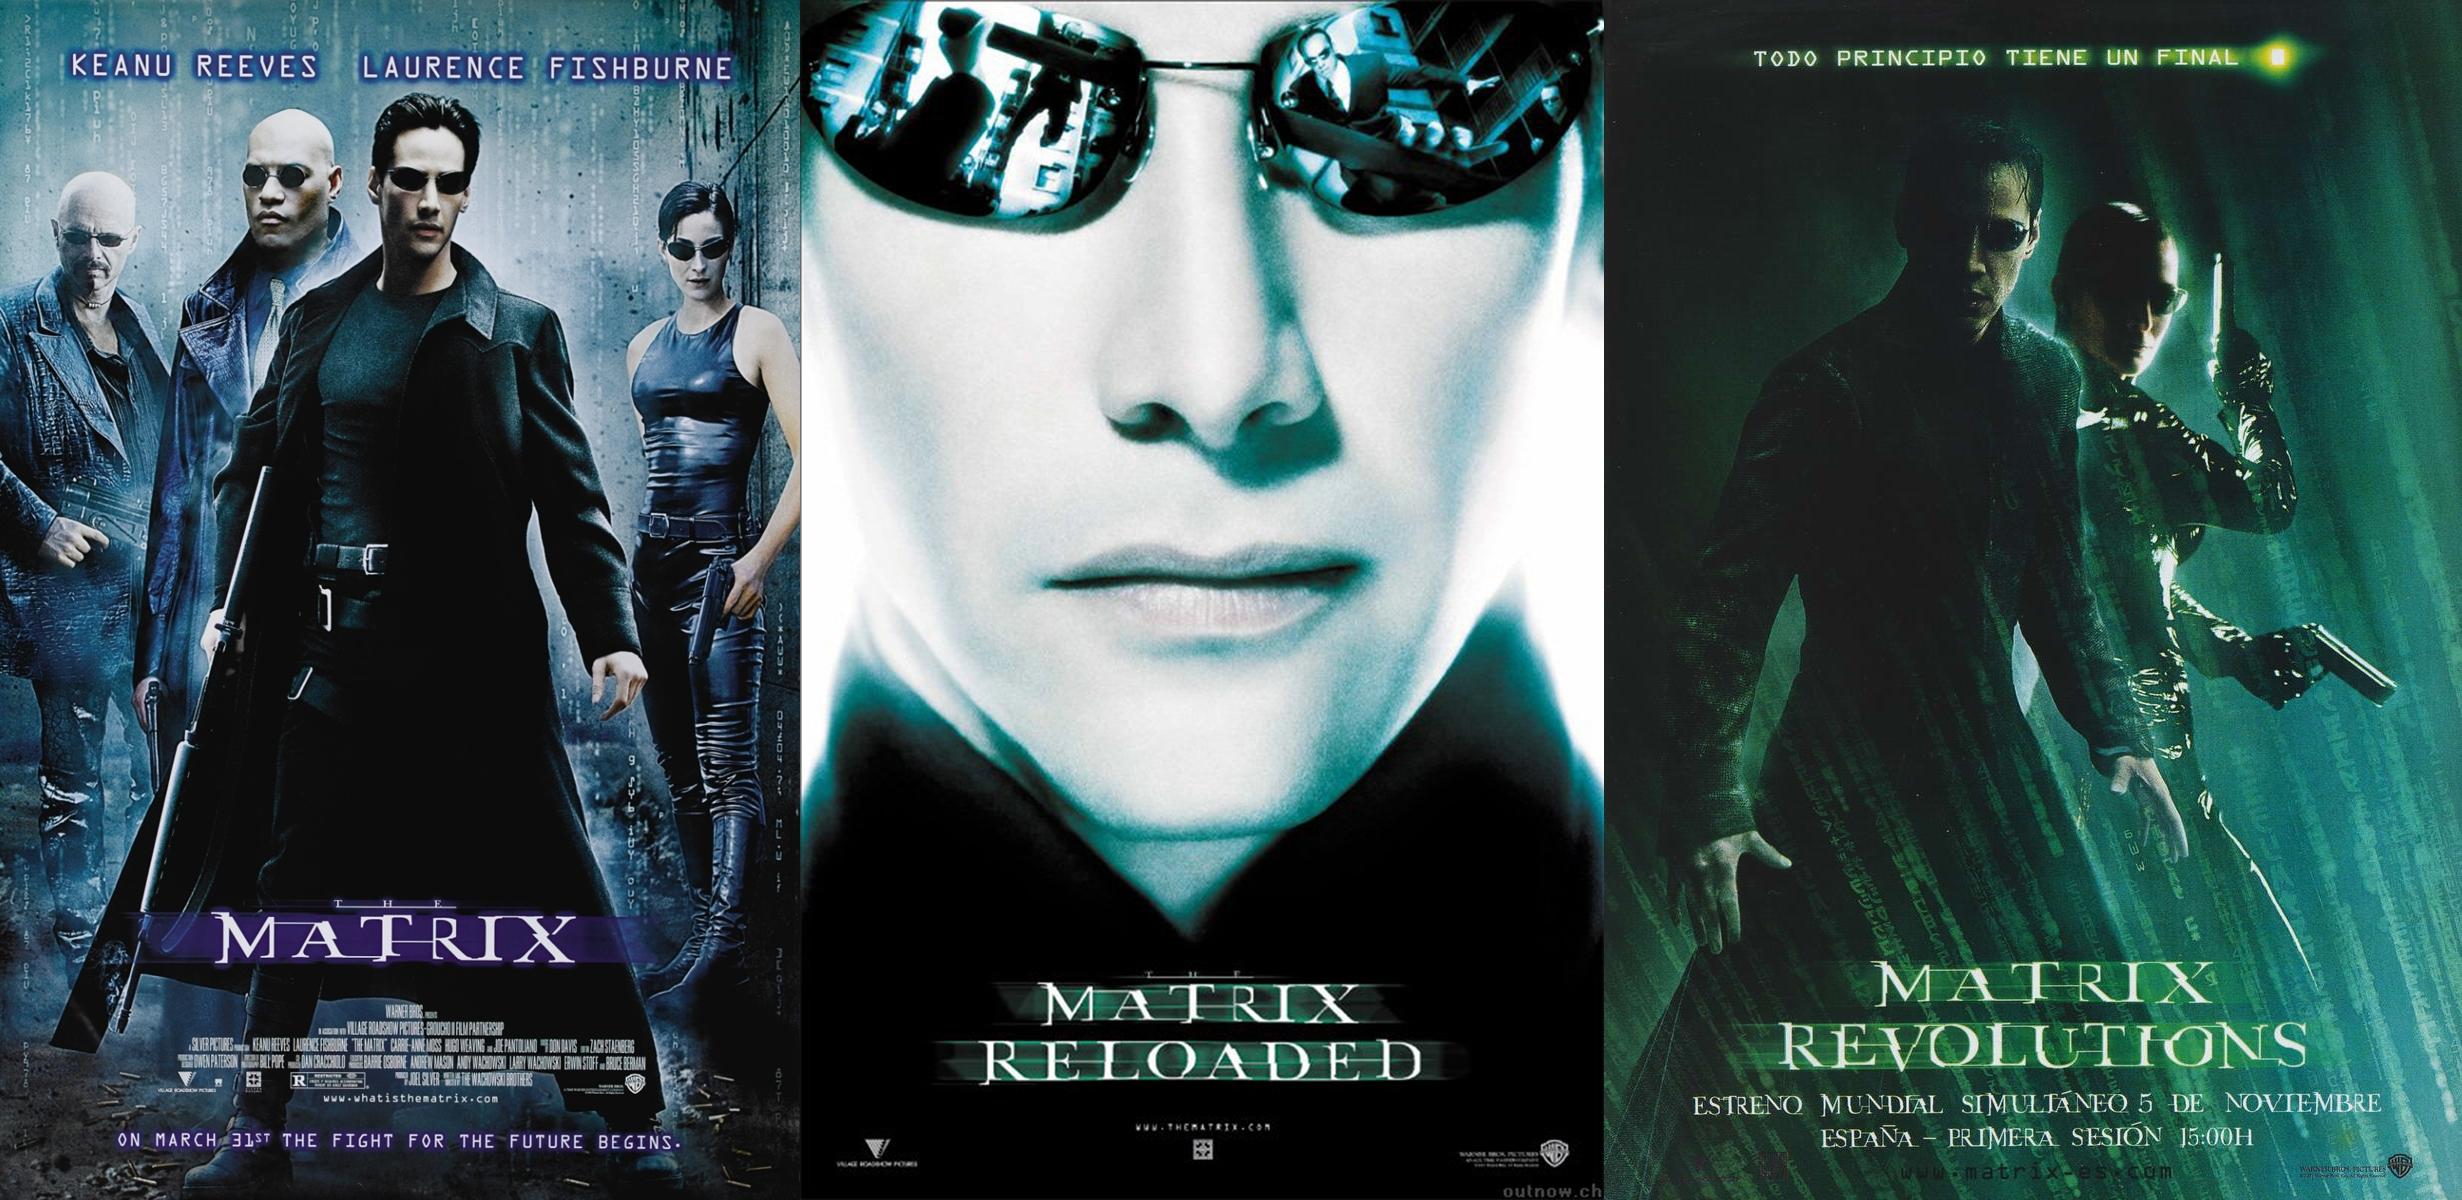 Koji film ste poslednji gledali? - Page 13 The-matrix